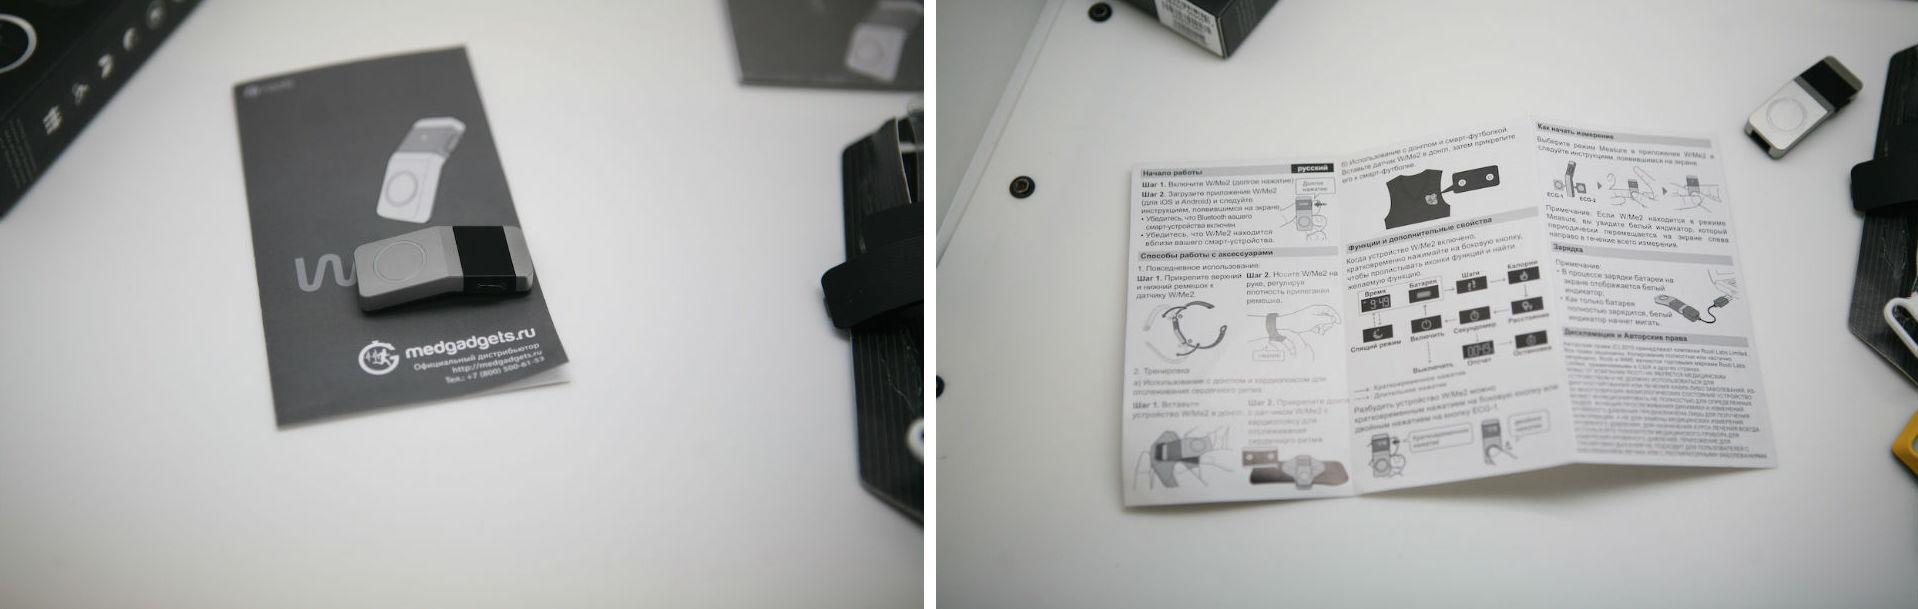 Обзор W-Me2 — первый трекер, который измеряет давление. А также пульс. И записывает ЭКГ - 19